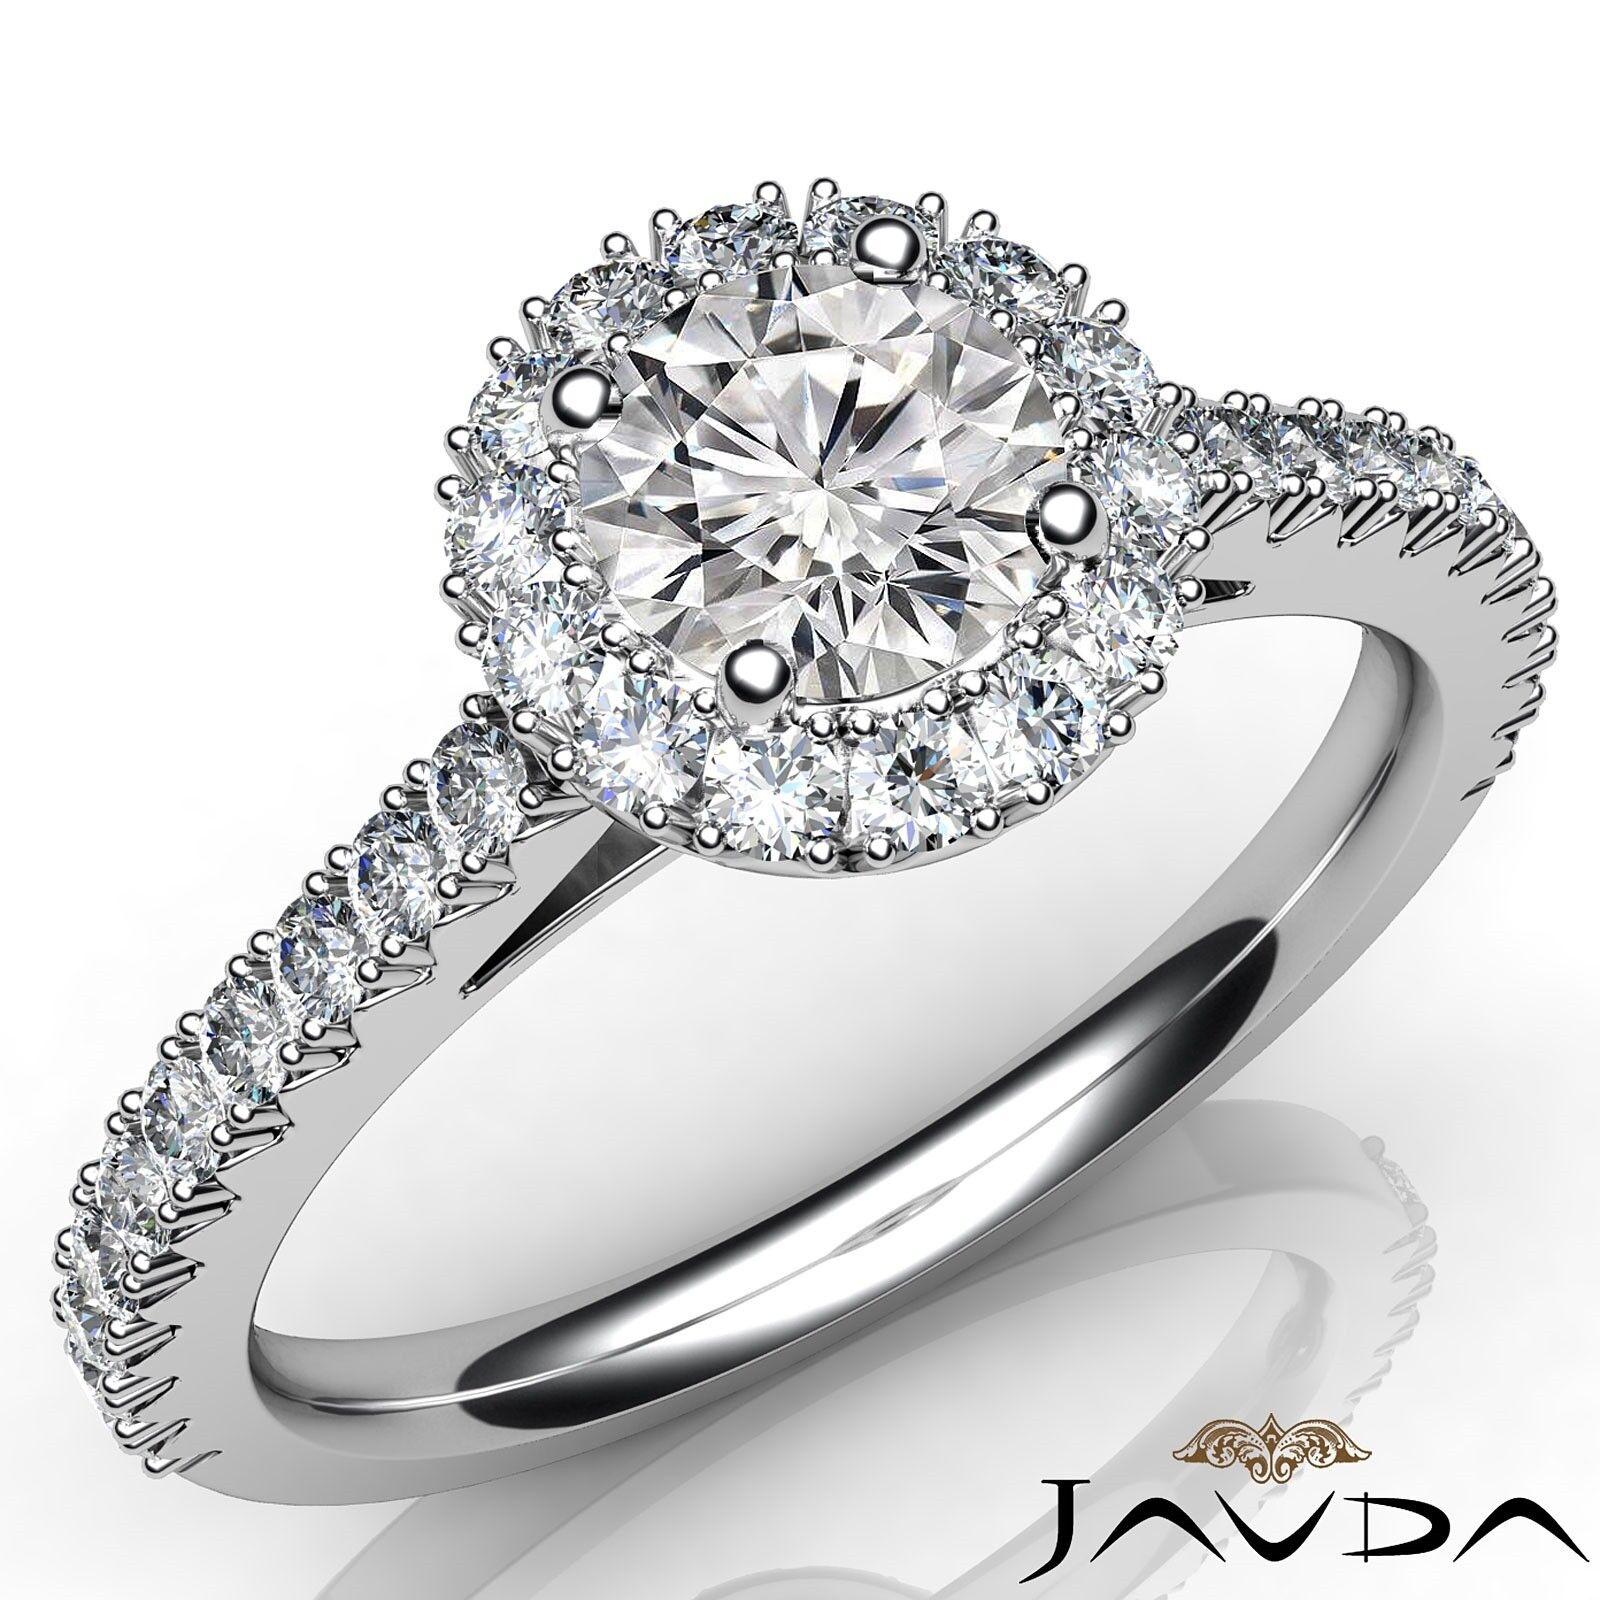 1.5ctw Double Prong Round Diamond Engagement Ring GIA E-VS2 White Gold Women New